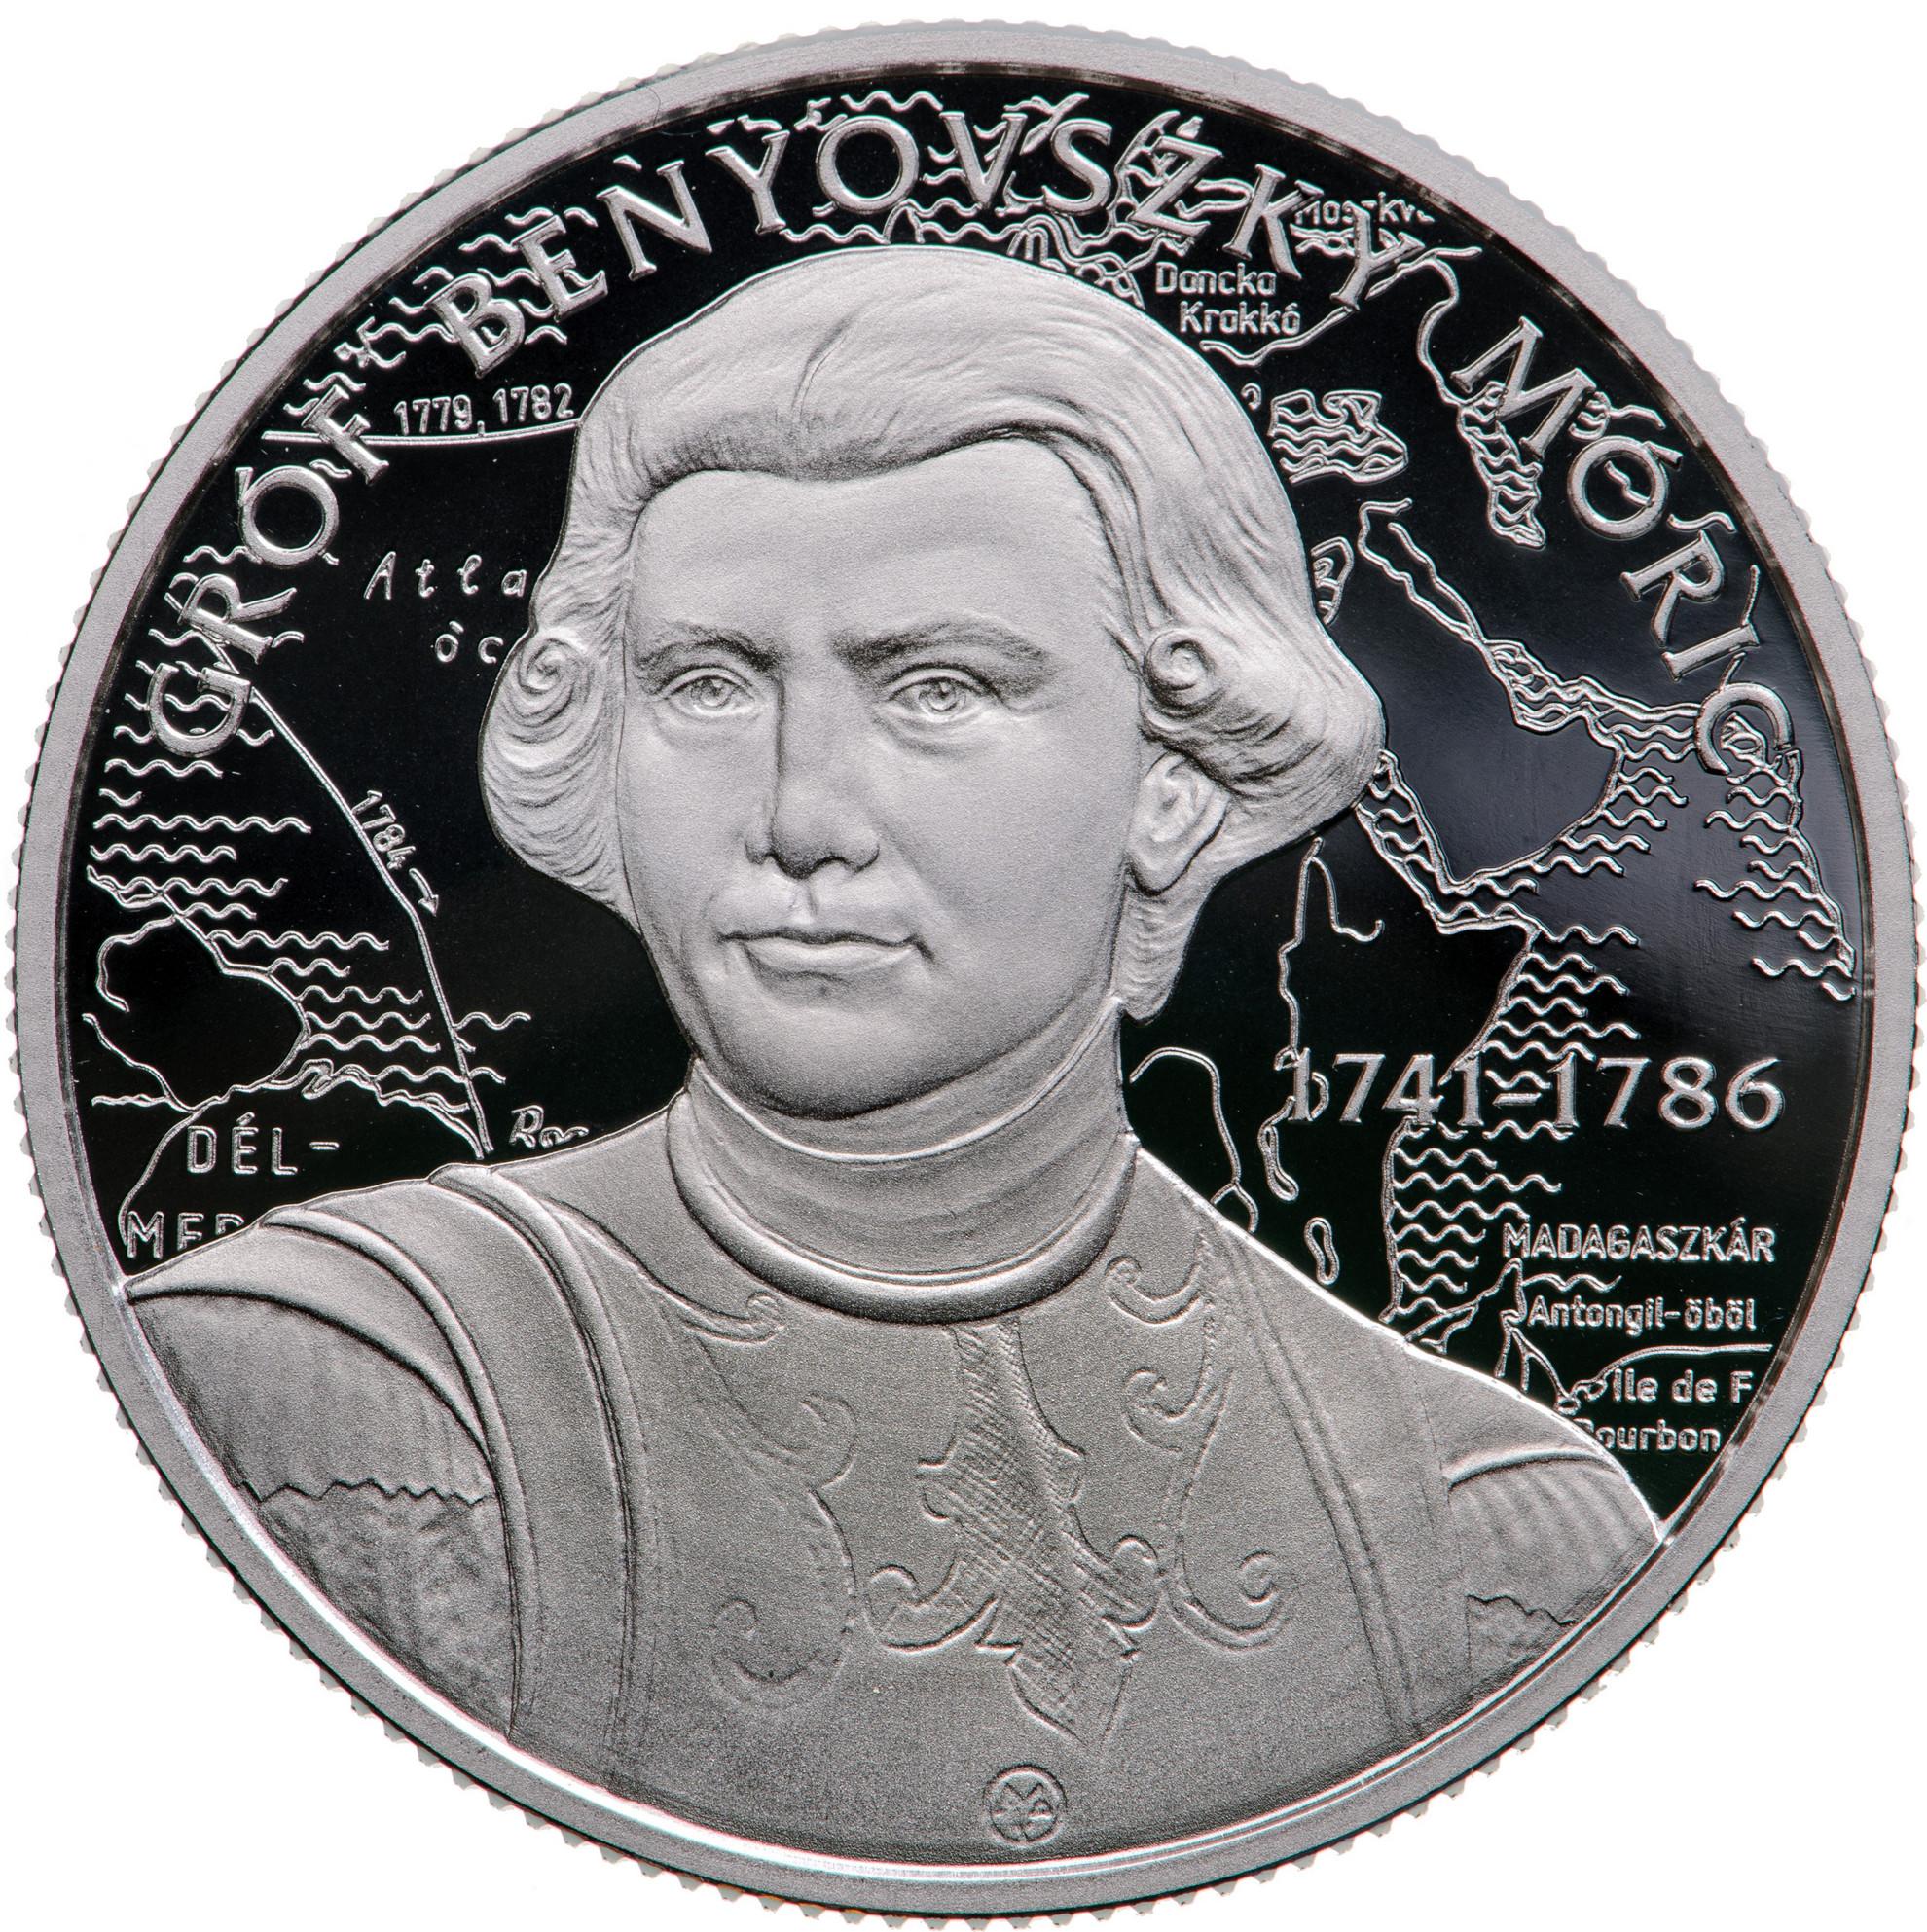 Az ezüst Benyovszky-emlékérme hátlapja